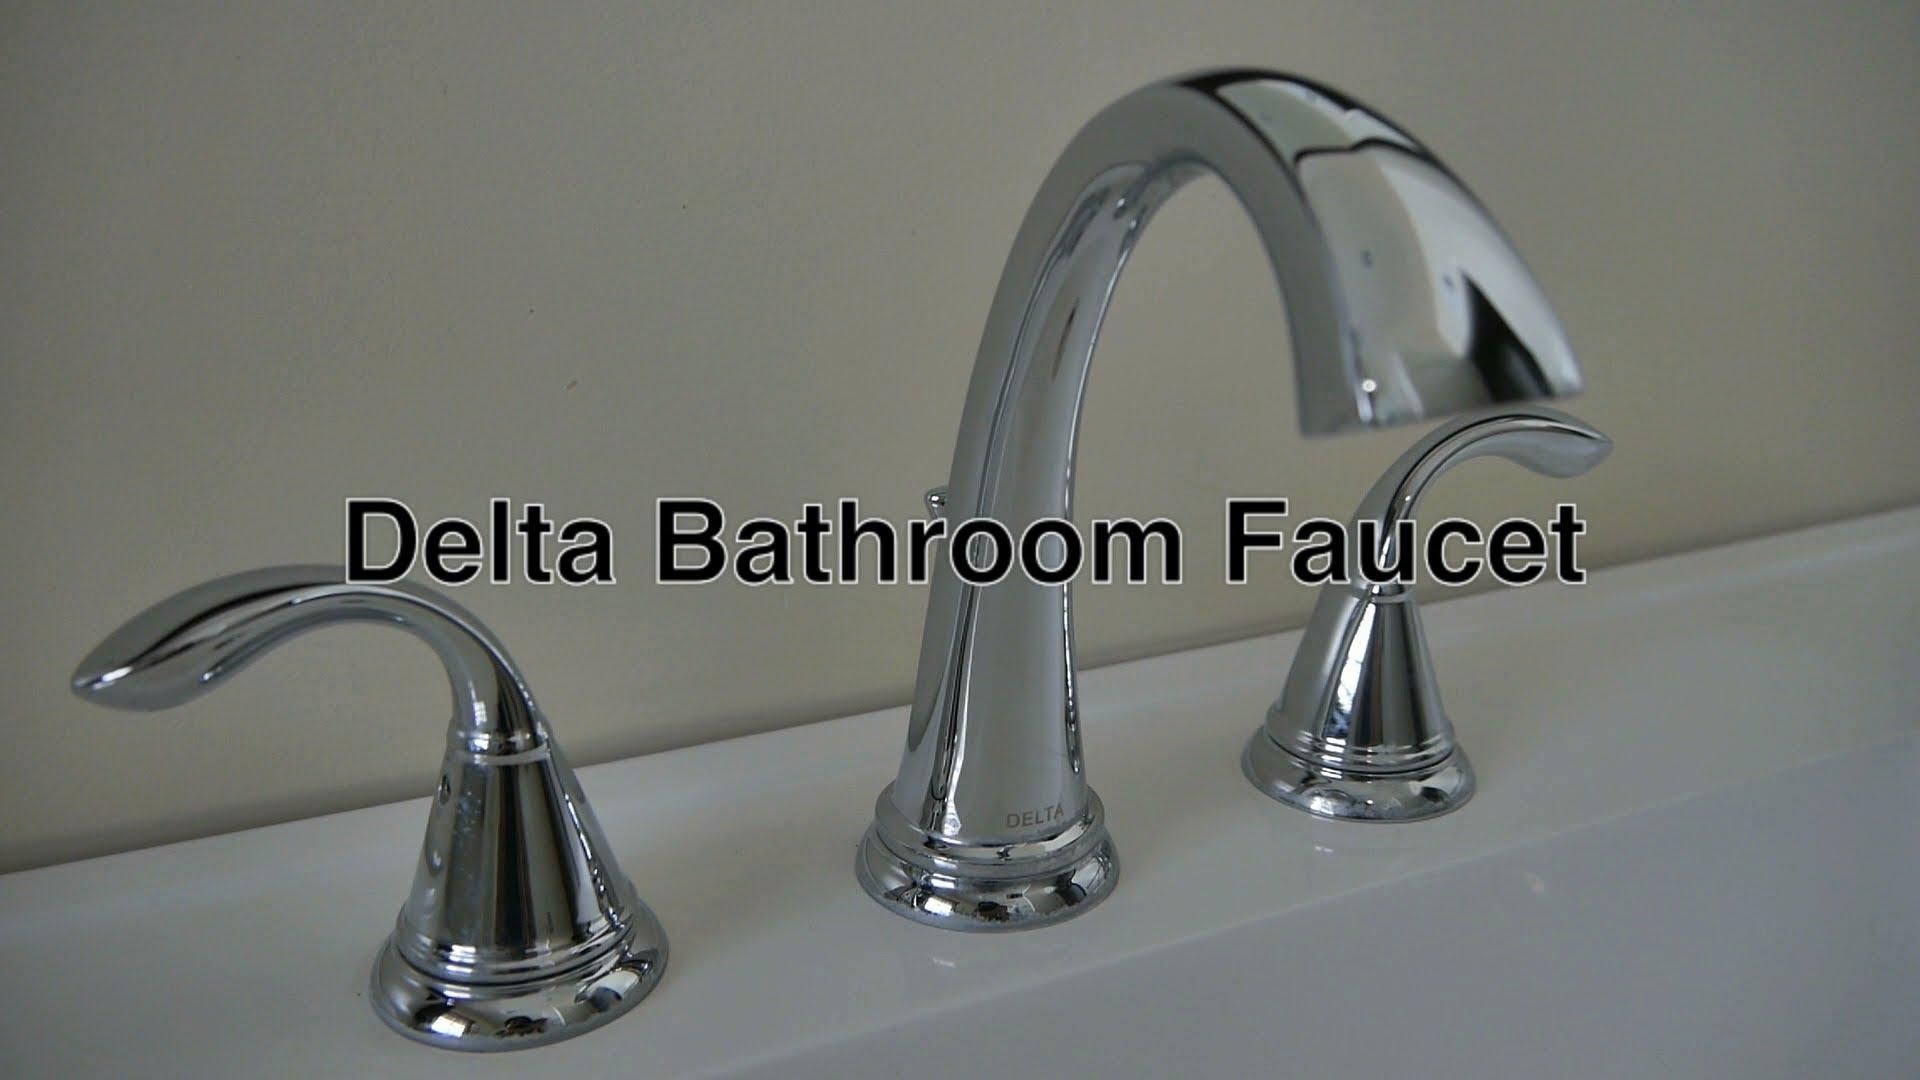 Ideas, delta lockwood widespread faucet delta lockwood widespread faucet delta bathroom faucets 3 hole widespread no leaky water warranty 1920 x 1080  .